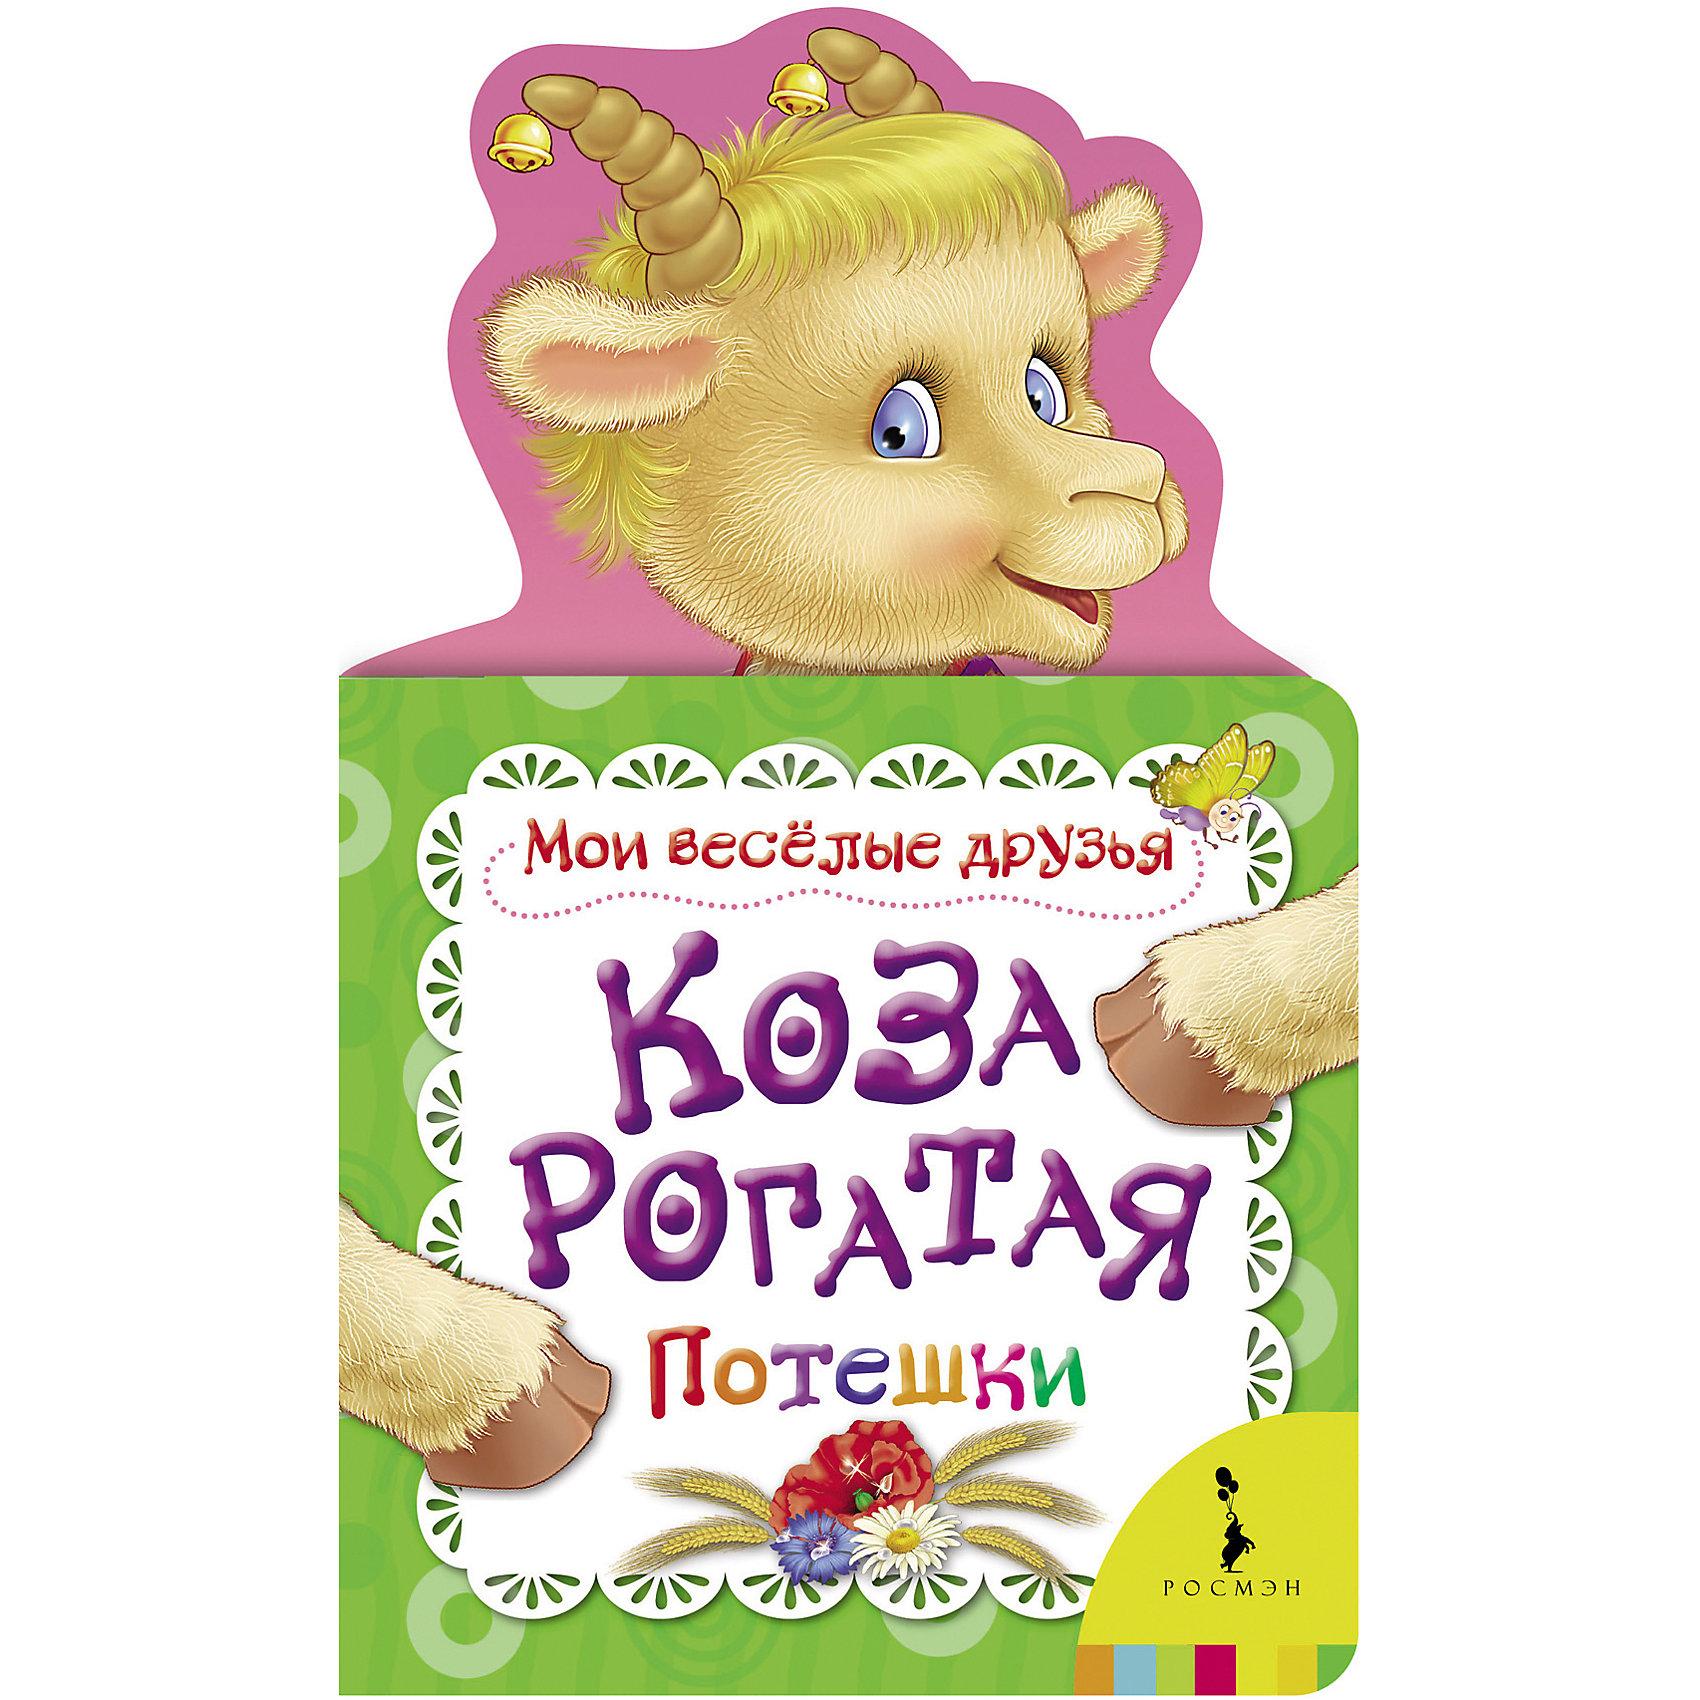 Росмэн Коза рогатая, Мои веселые друзья росмэн книжка раскладушка колыбельные веселые гармошки